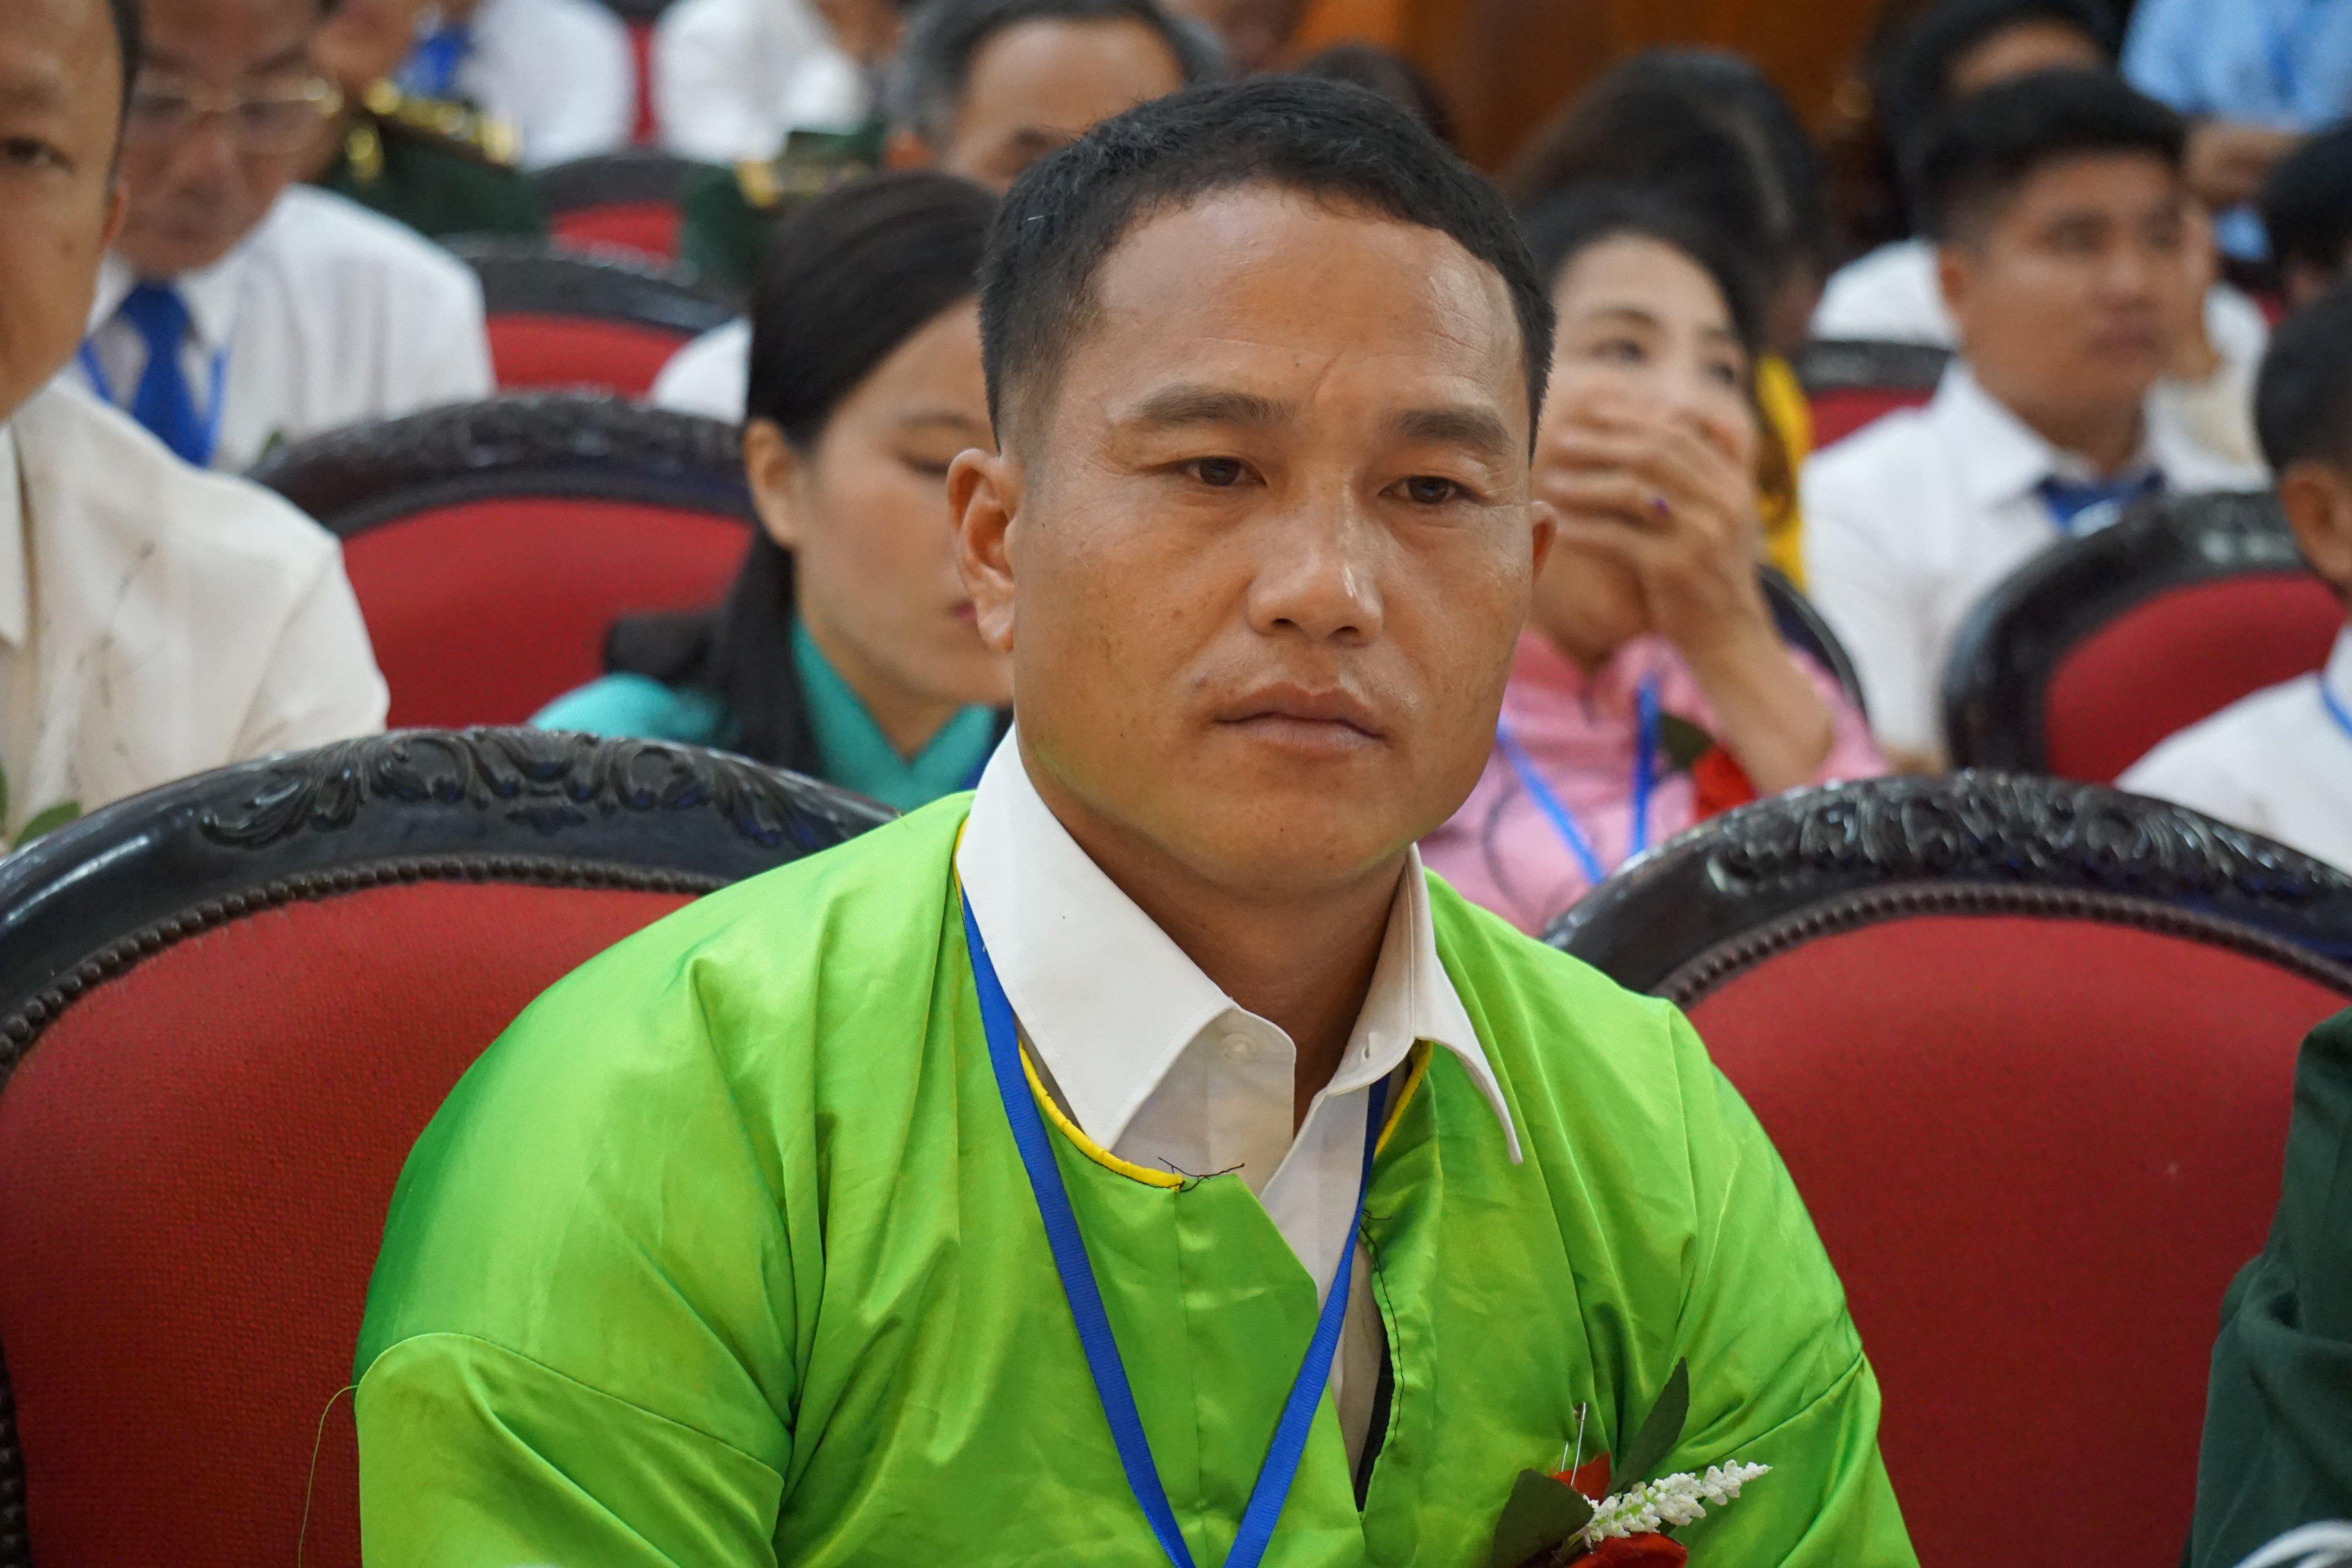 Trưởng bản Thao Văn Dia tại Đại hội thi đua yêu nước tỉnh Thanh Hóa năm 2020